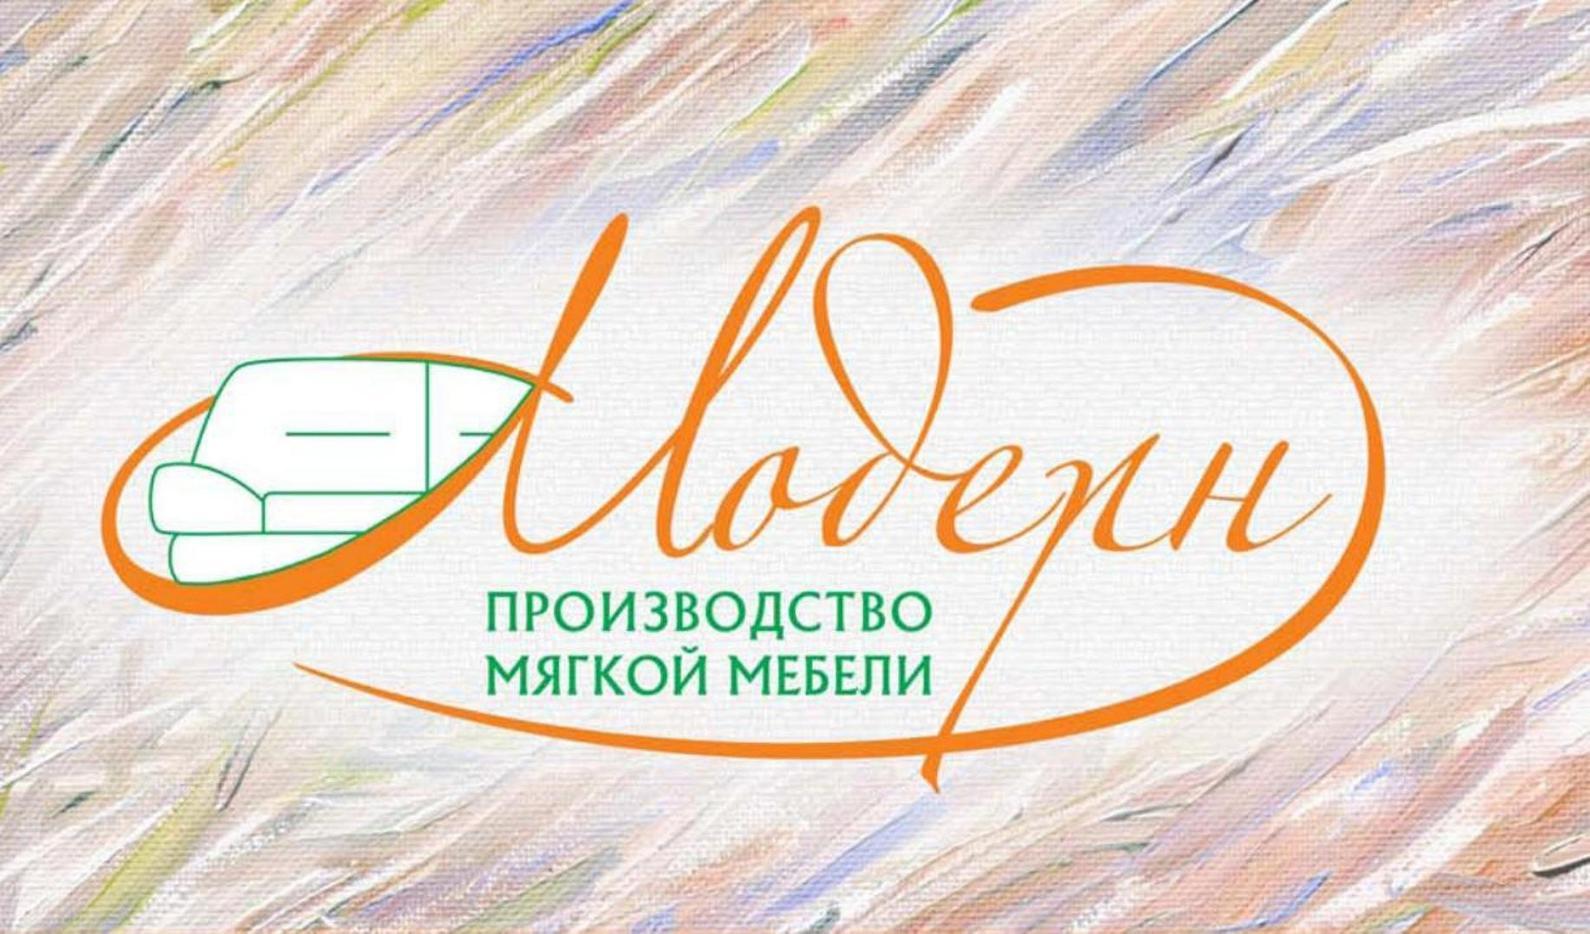 Ульяновская мягкая мебель фото: http://remontarhiv.ru/mebel/ulyanovskaya-myagkaya-mebel-foto.php